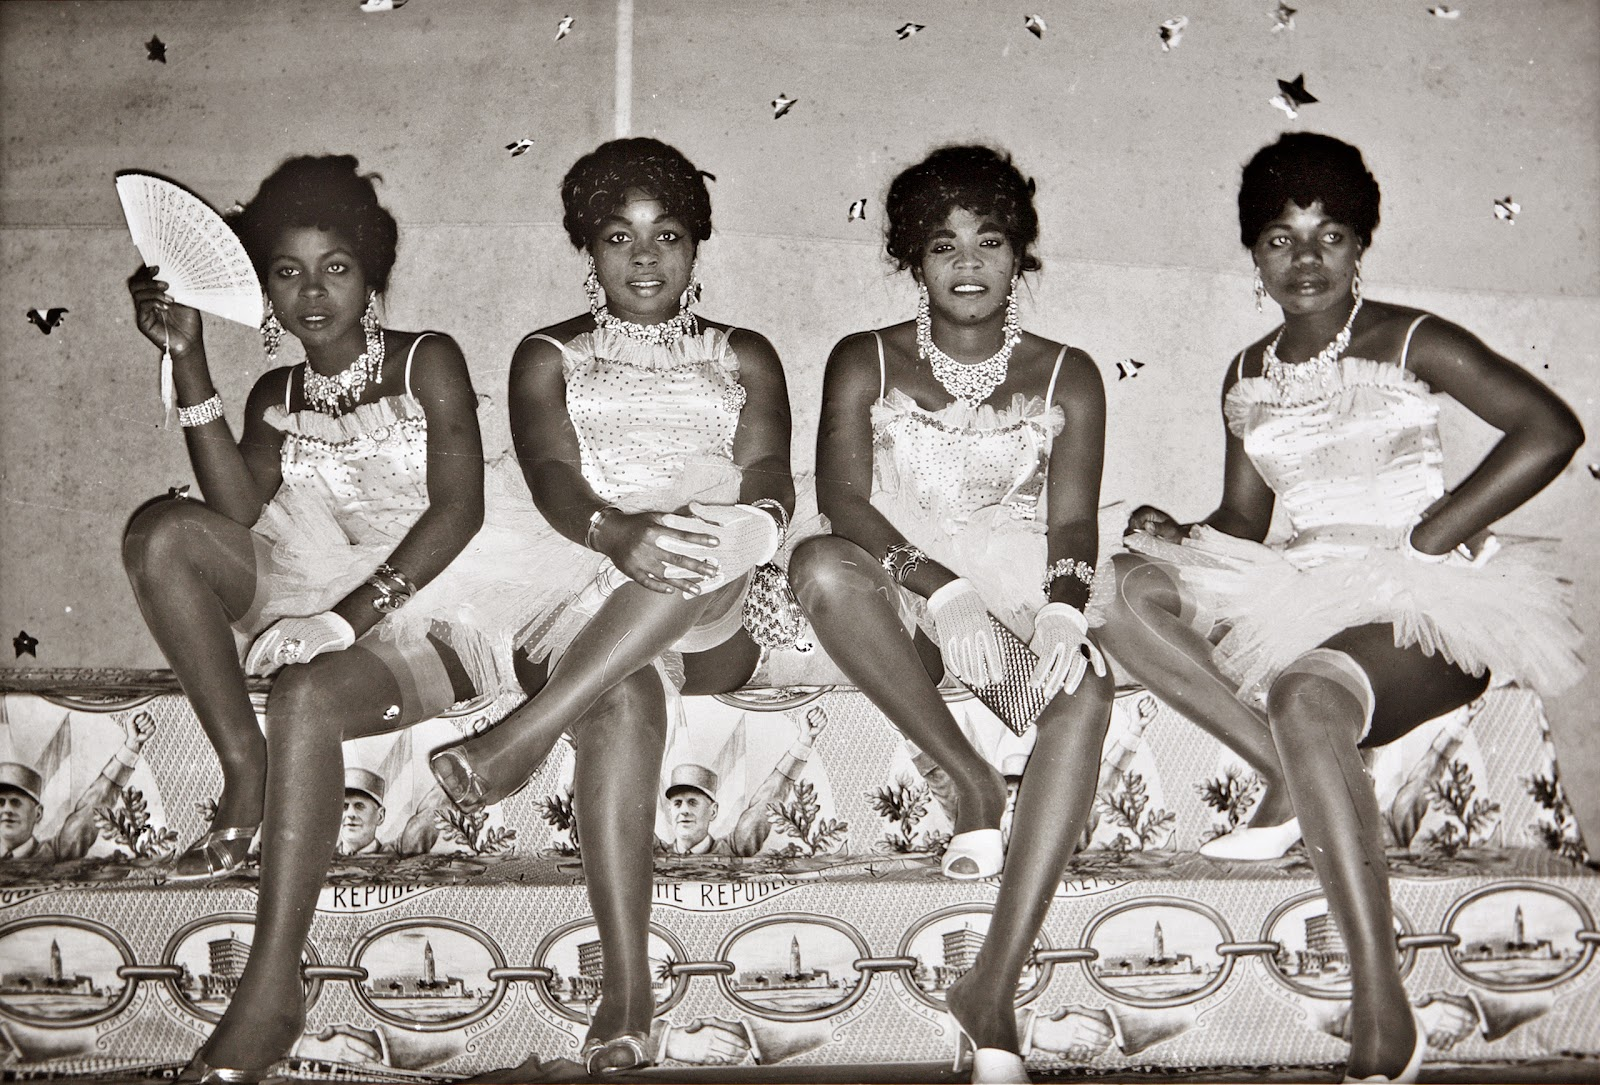 Jean Depara: Showgirls, Les danseuses et de Gaulle, 1960.